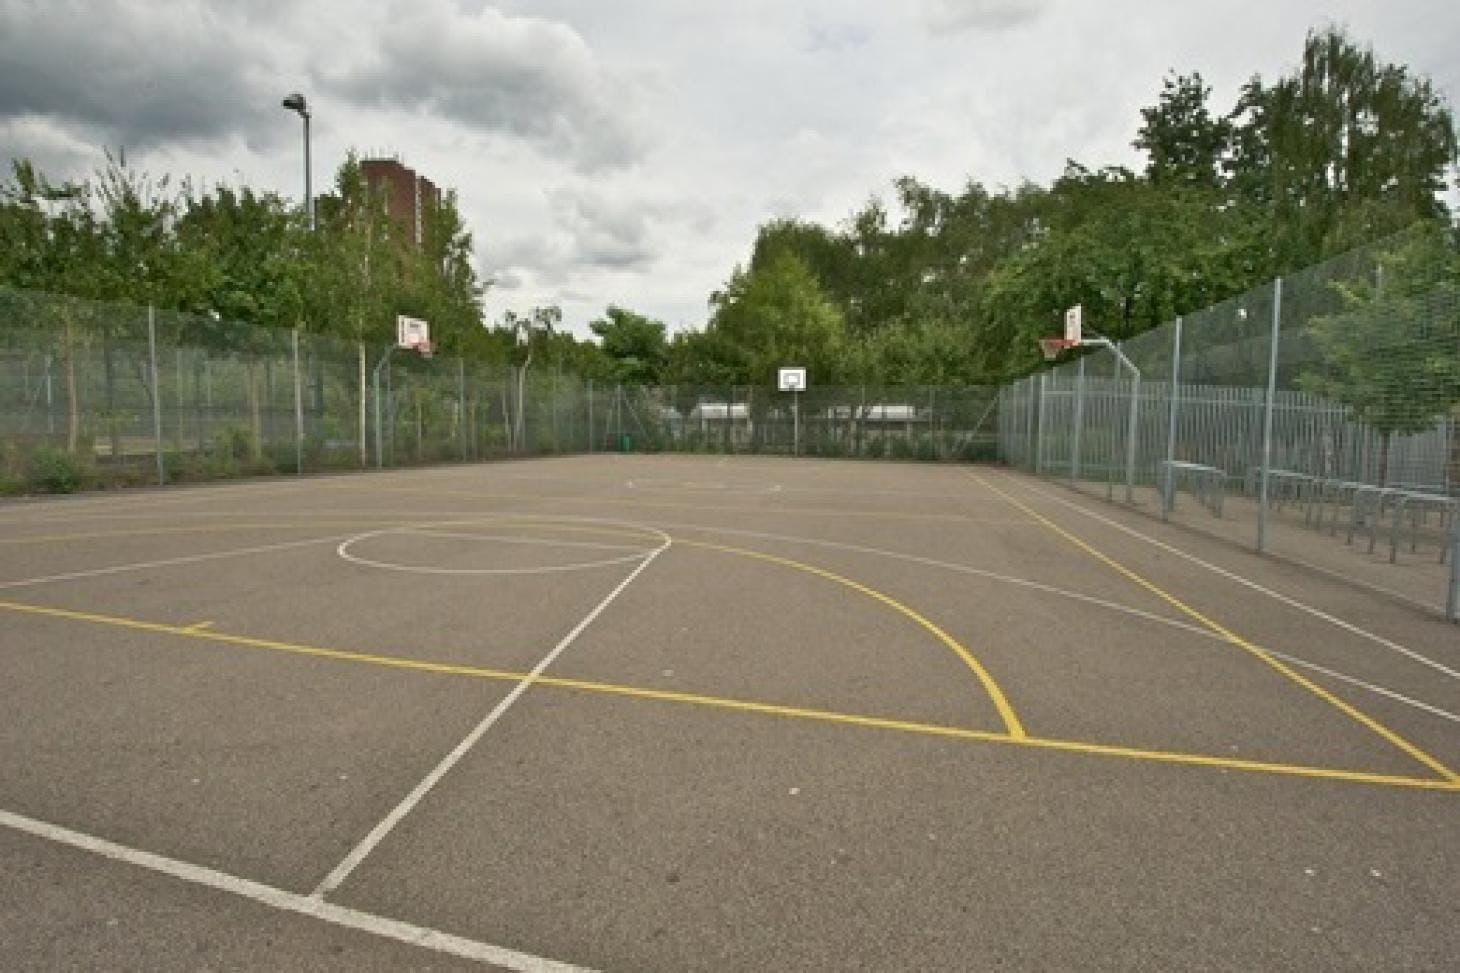 Haverstock School Outdoor | Concrete netball court